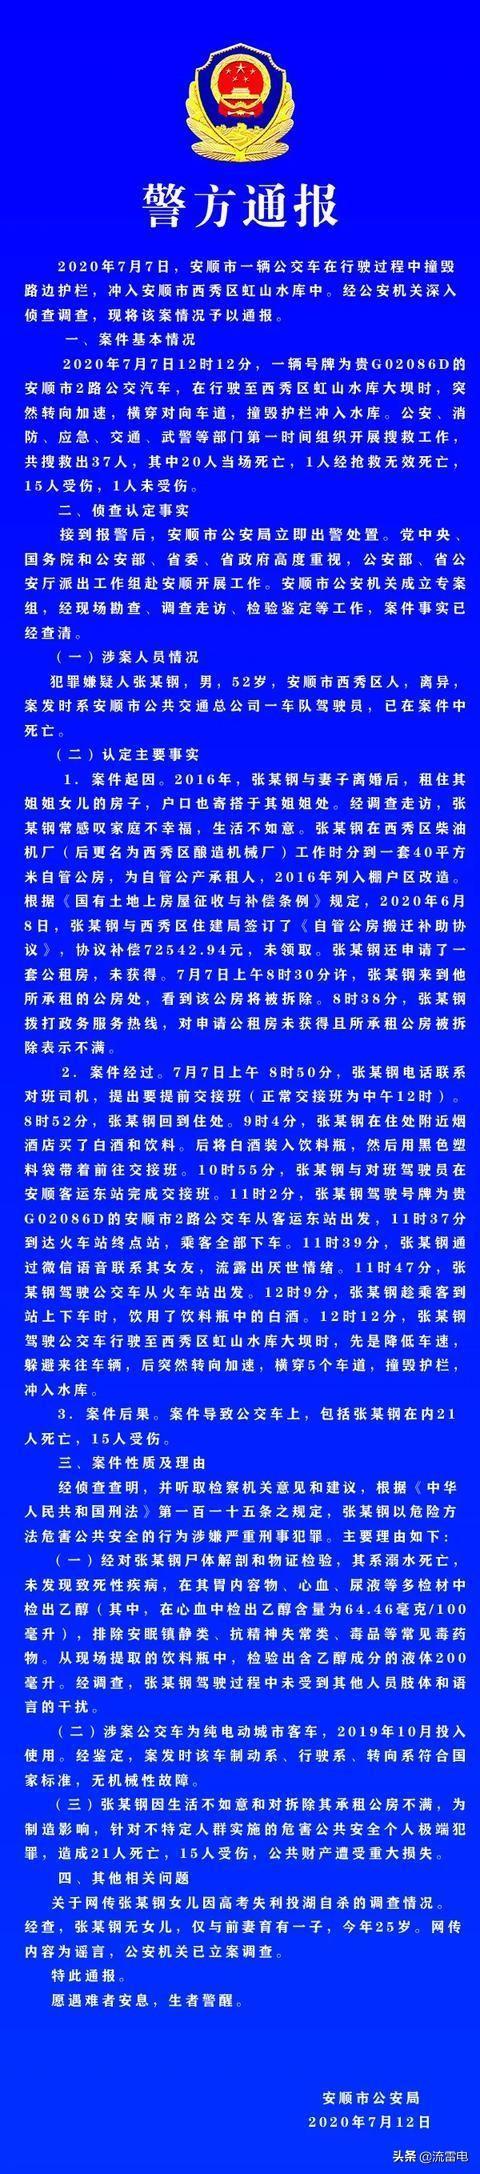 贵州安顺公交车坠湖事件原因与拆迁不满泄愤所